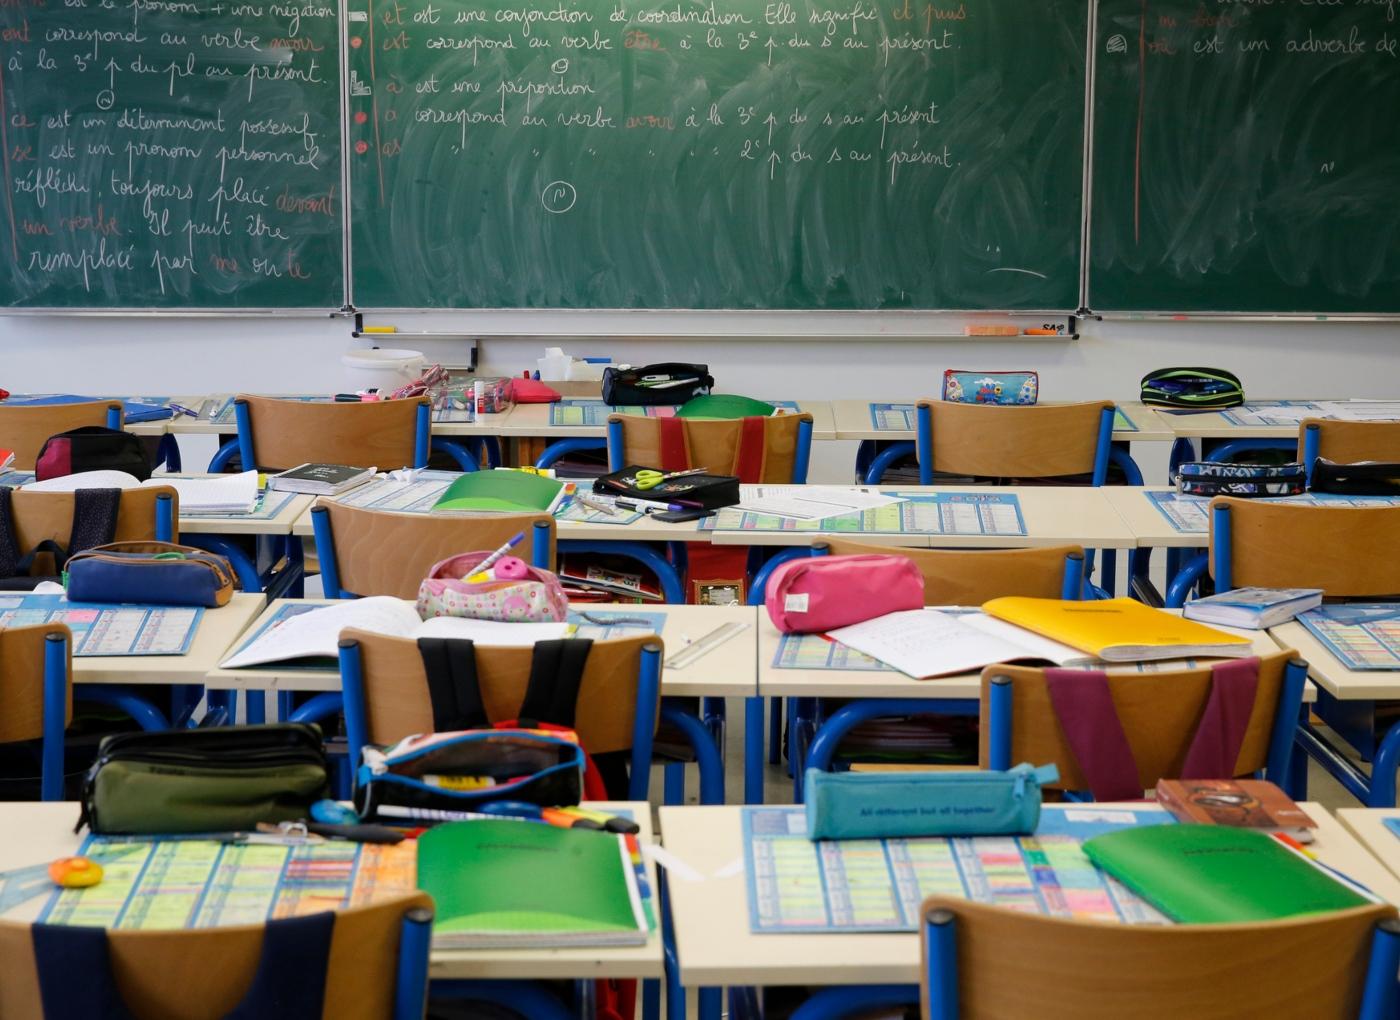 reprovar crianças na escola: argumentos a favor e contra